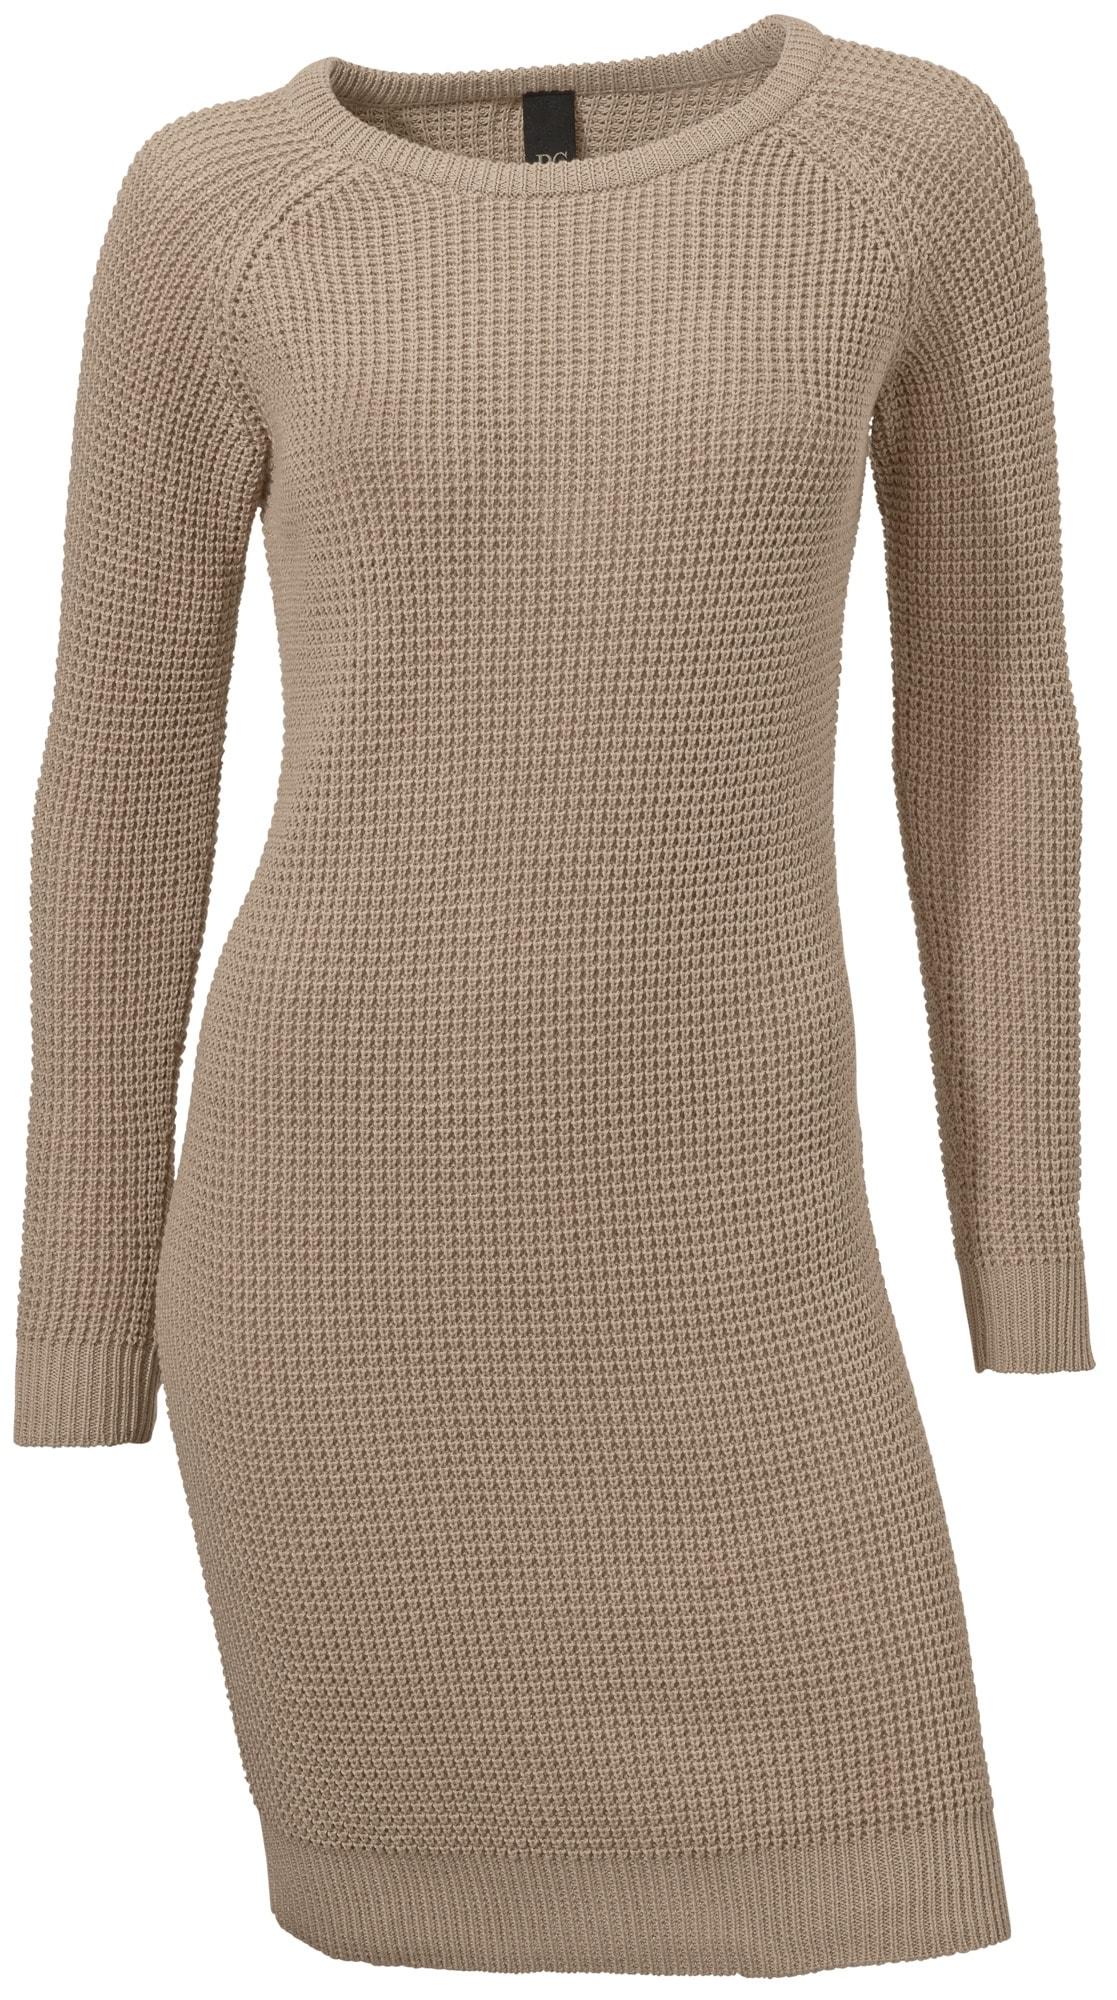 Strickkleid in Waffelstrick | Bekleidung > Kleider > Strickkleider | Linea Tesini By Heine